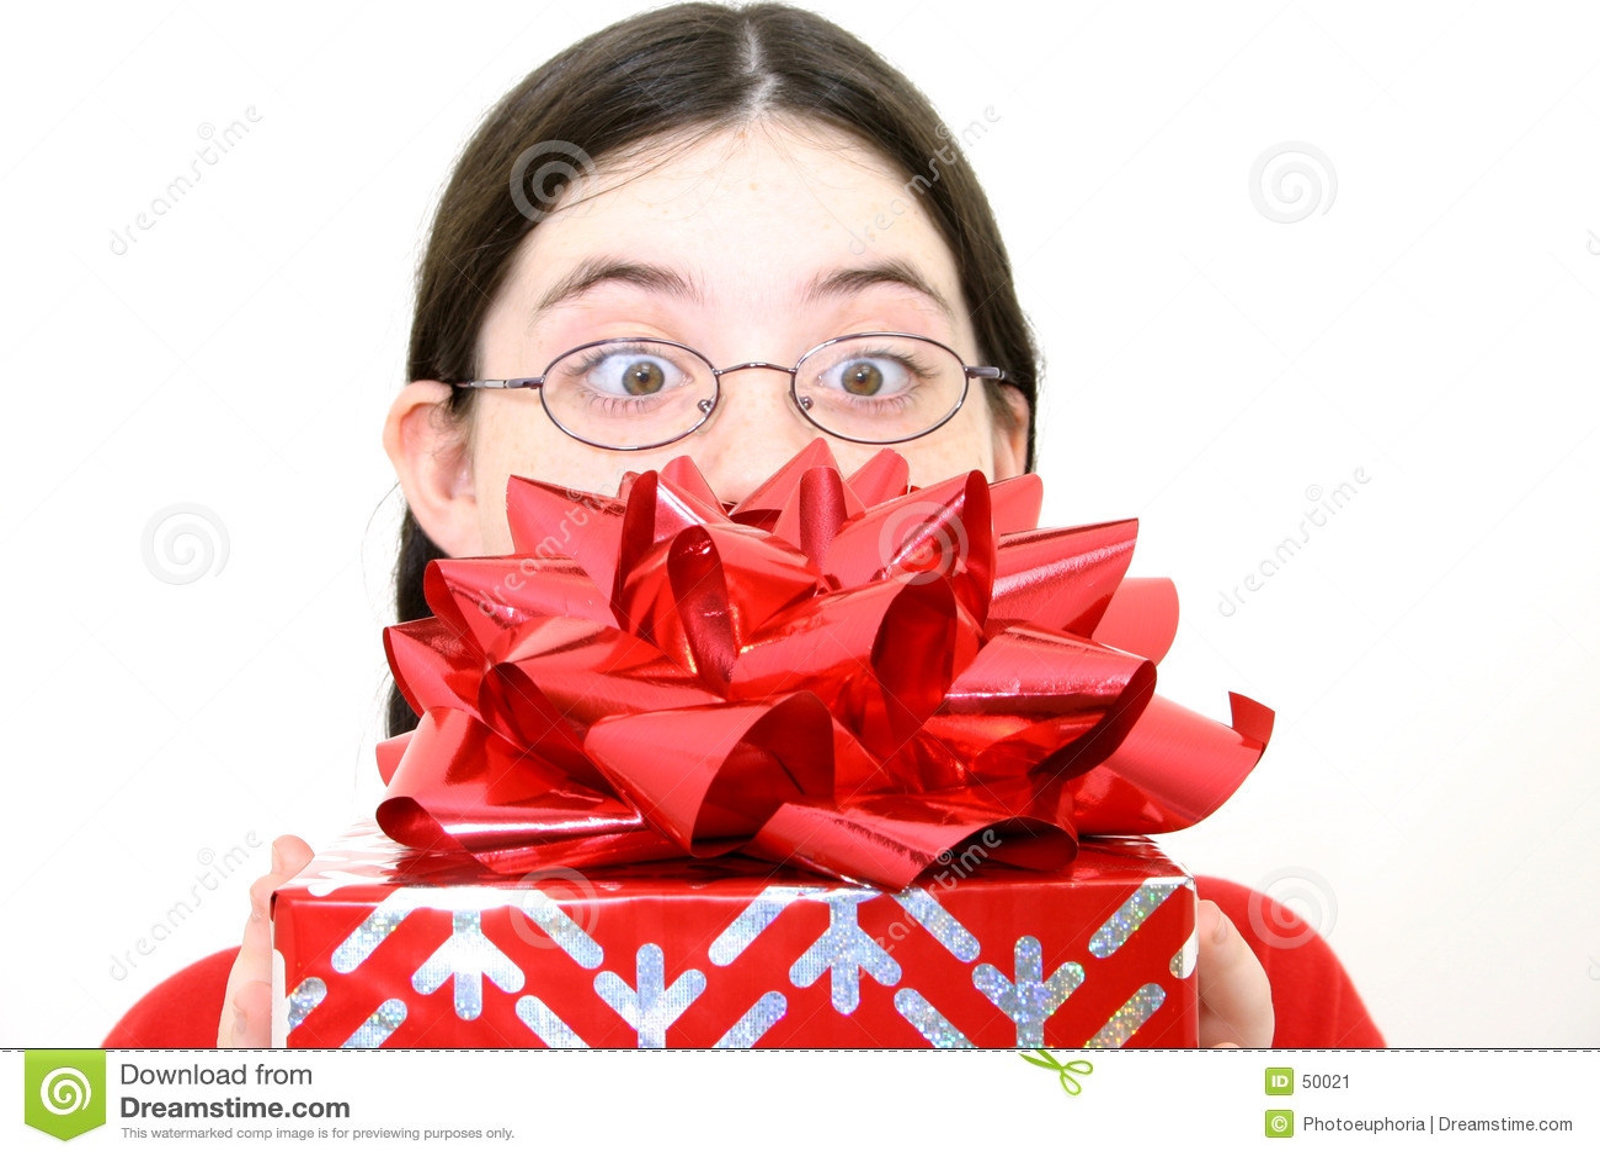 Geschenk mit großem rotem Bogen